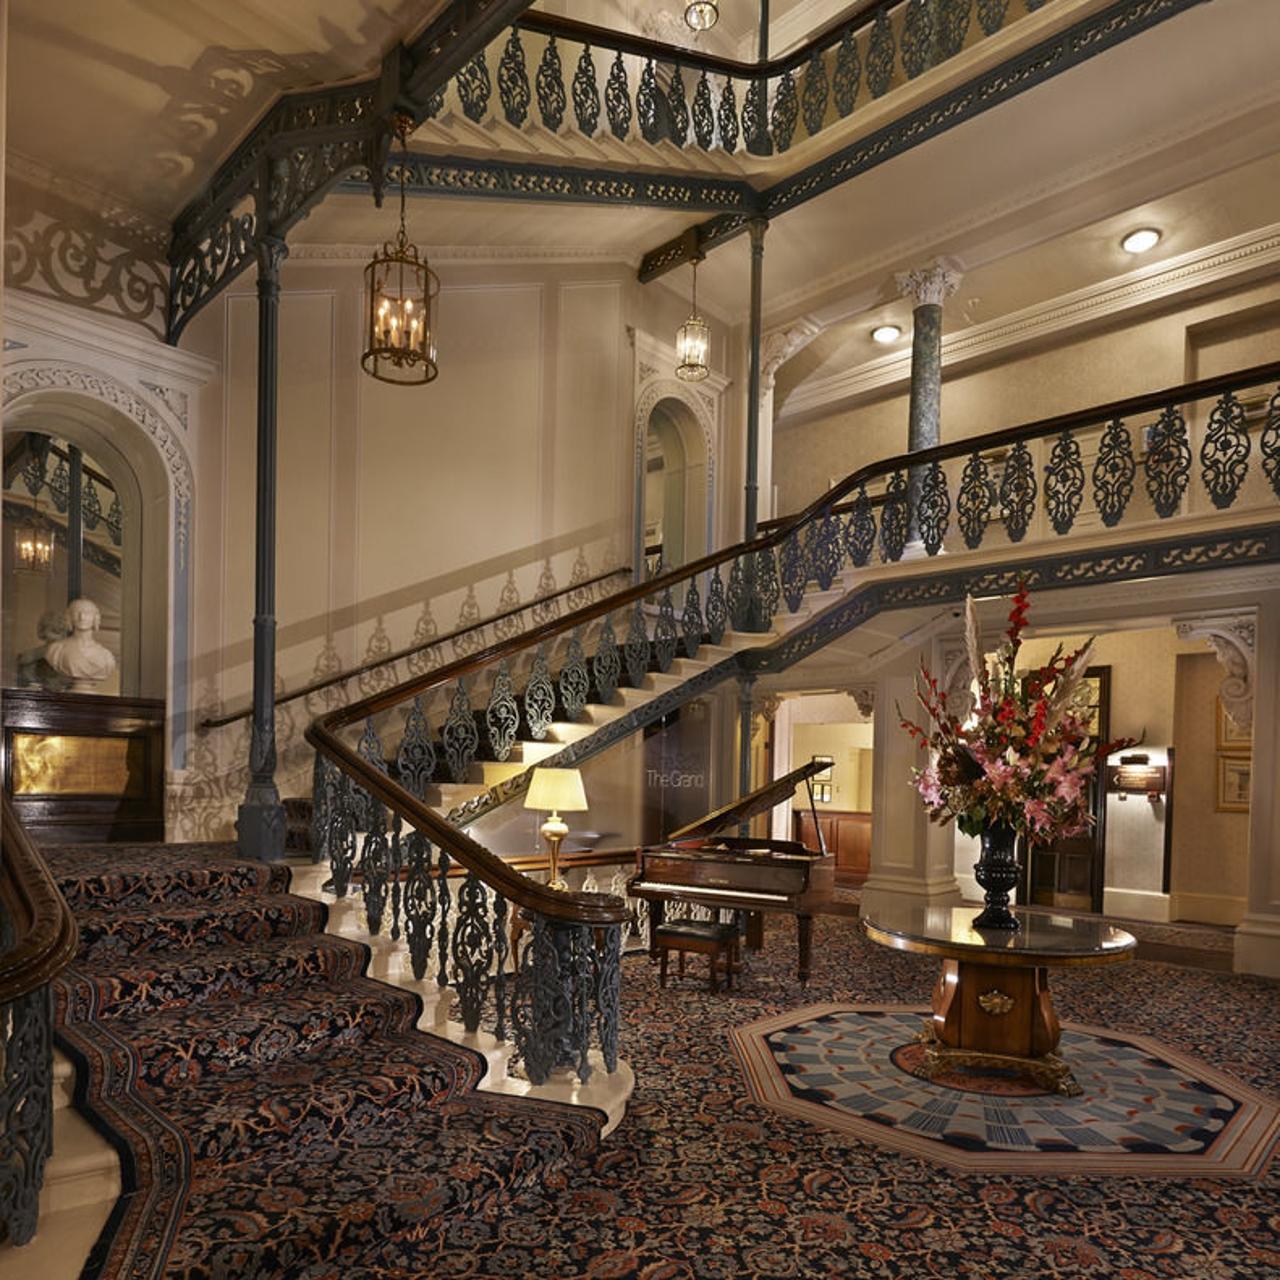 Hotel The Grand Brighton Brighton And Hove Brighton England Bei Hrs Mit Gratis Leistungen